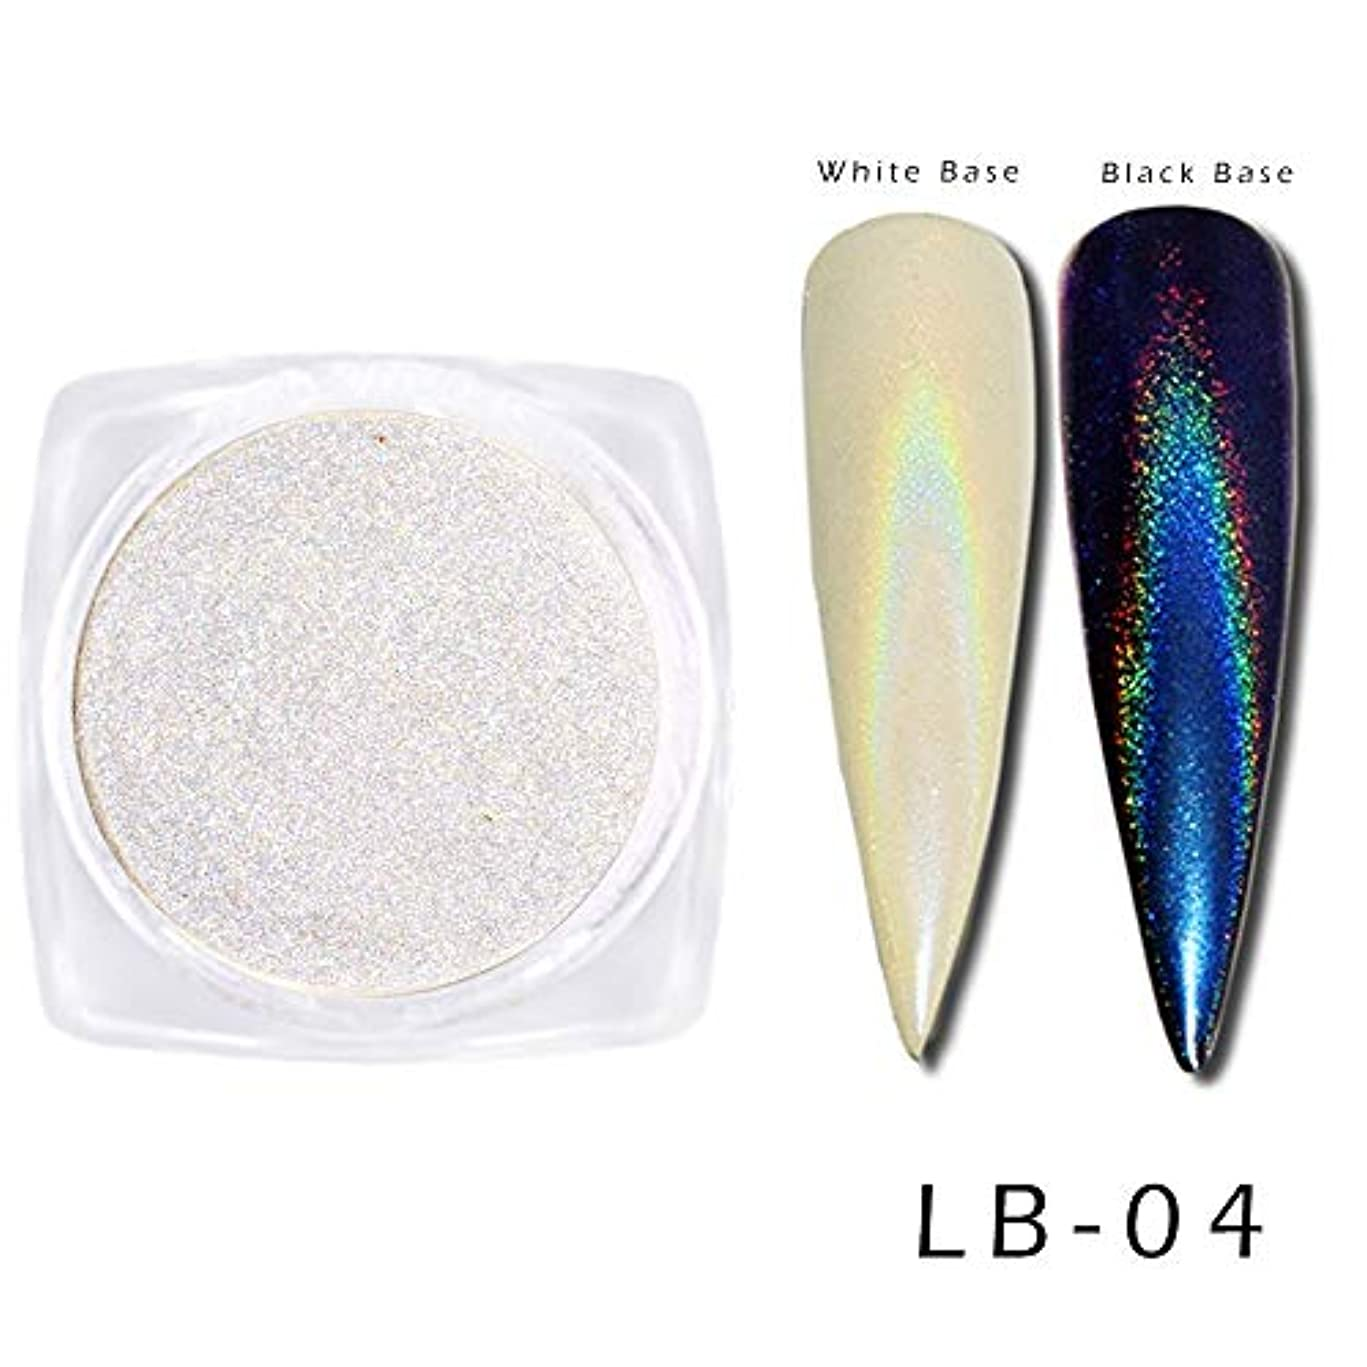 免疫わかる魚0.5グラムネイル顔料クロームパウダーミラーカメレオンゴールドブルーパープルダストレーザーネイルアートグリッターデコレーションマニキュアSALB01-06 LB04